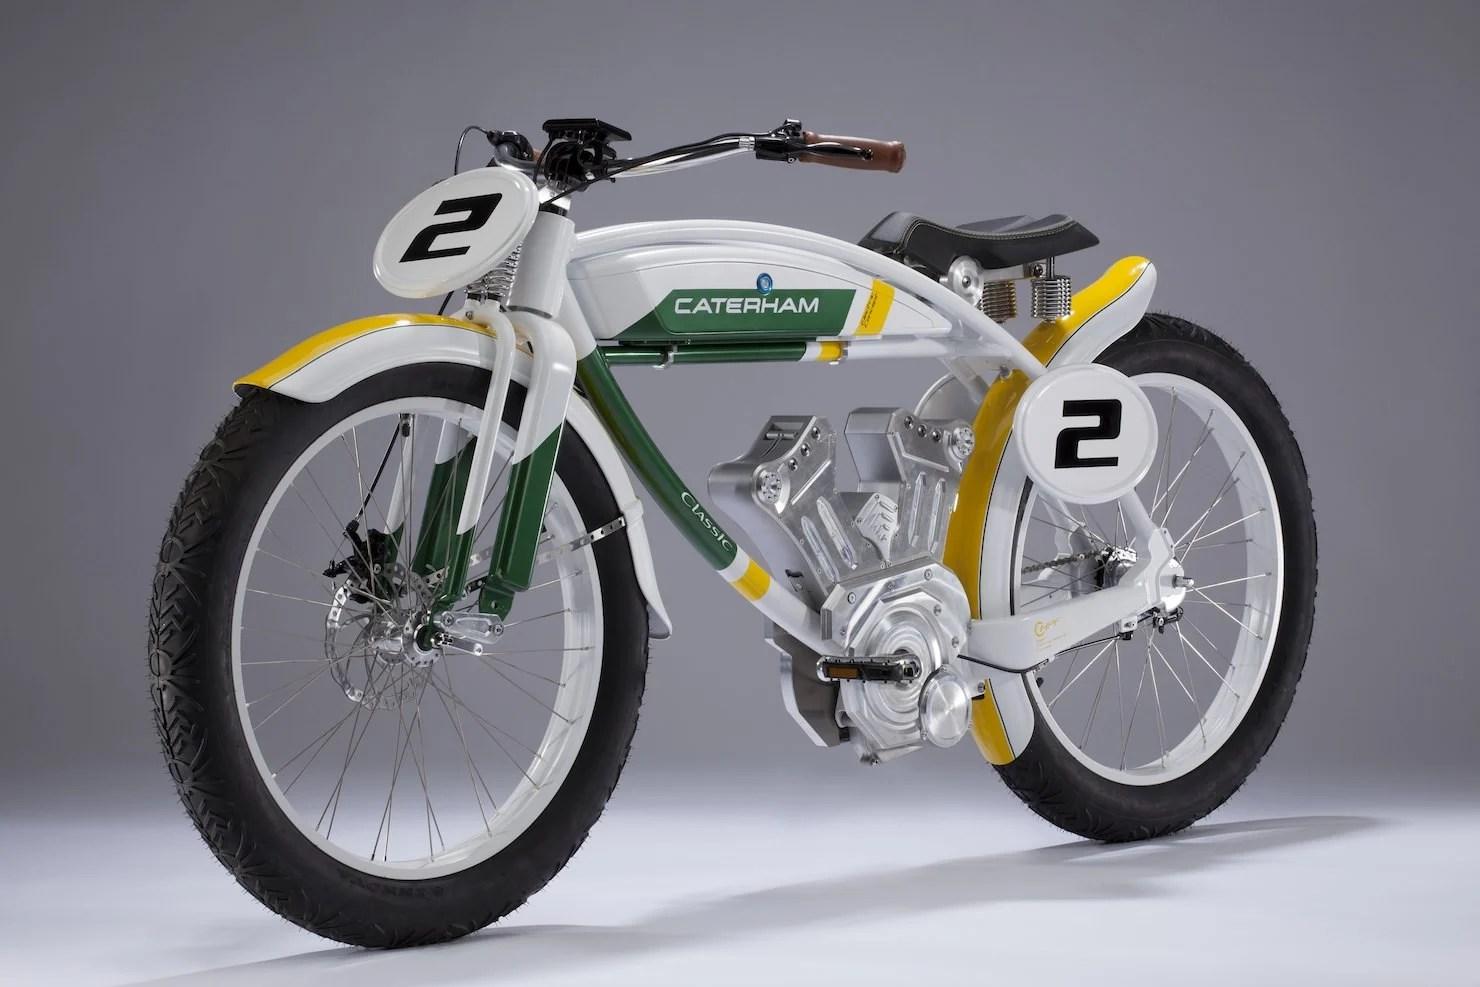 caterham bikes ile ilgili görsel sonucu